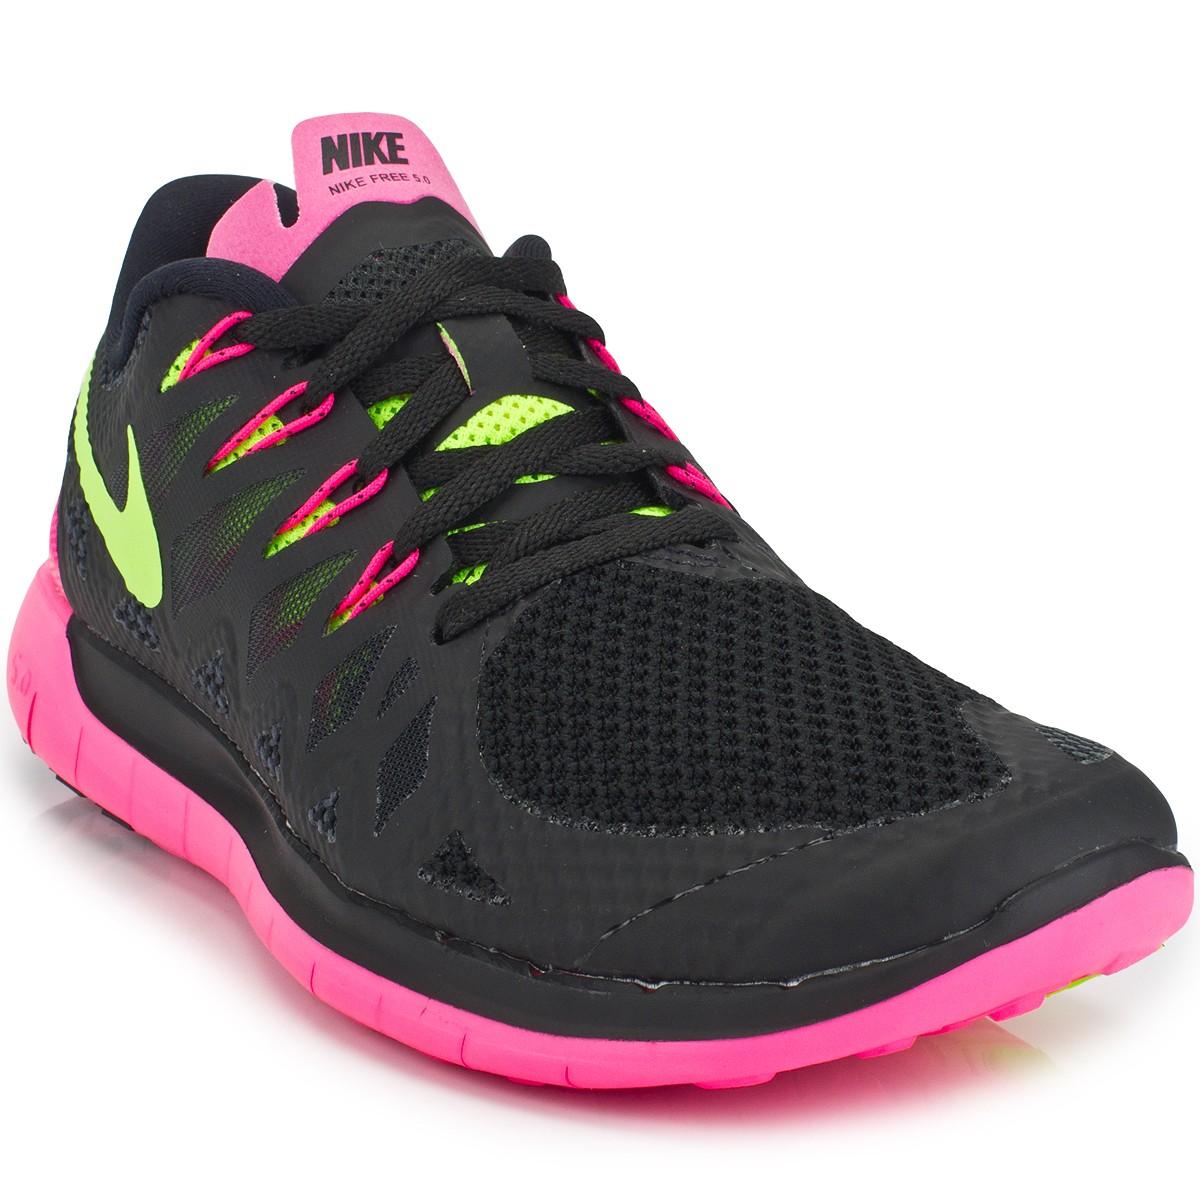 951694212a6 Tênis Nike Free 5.0 W 642199 ...